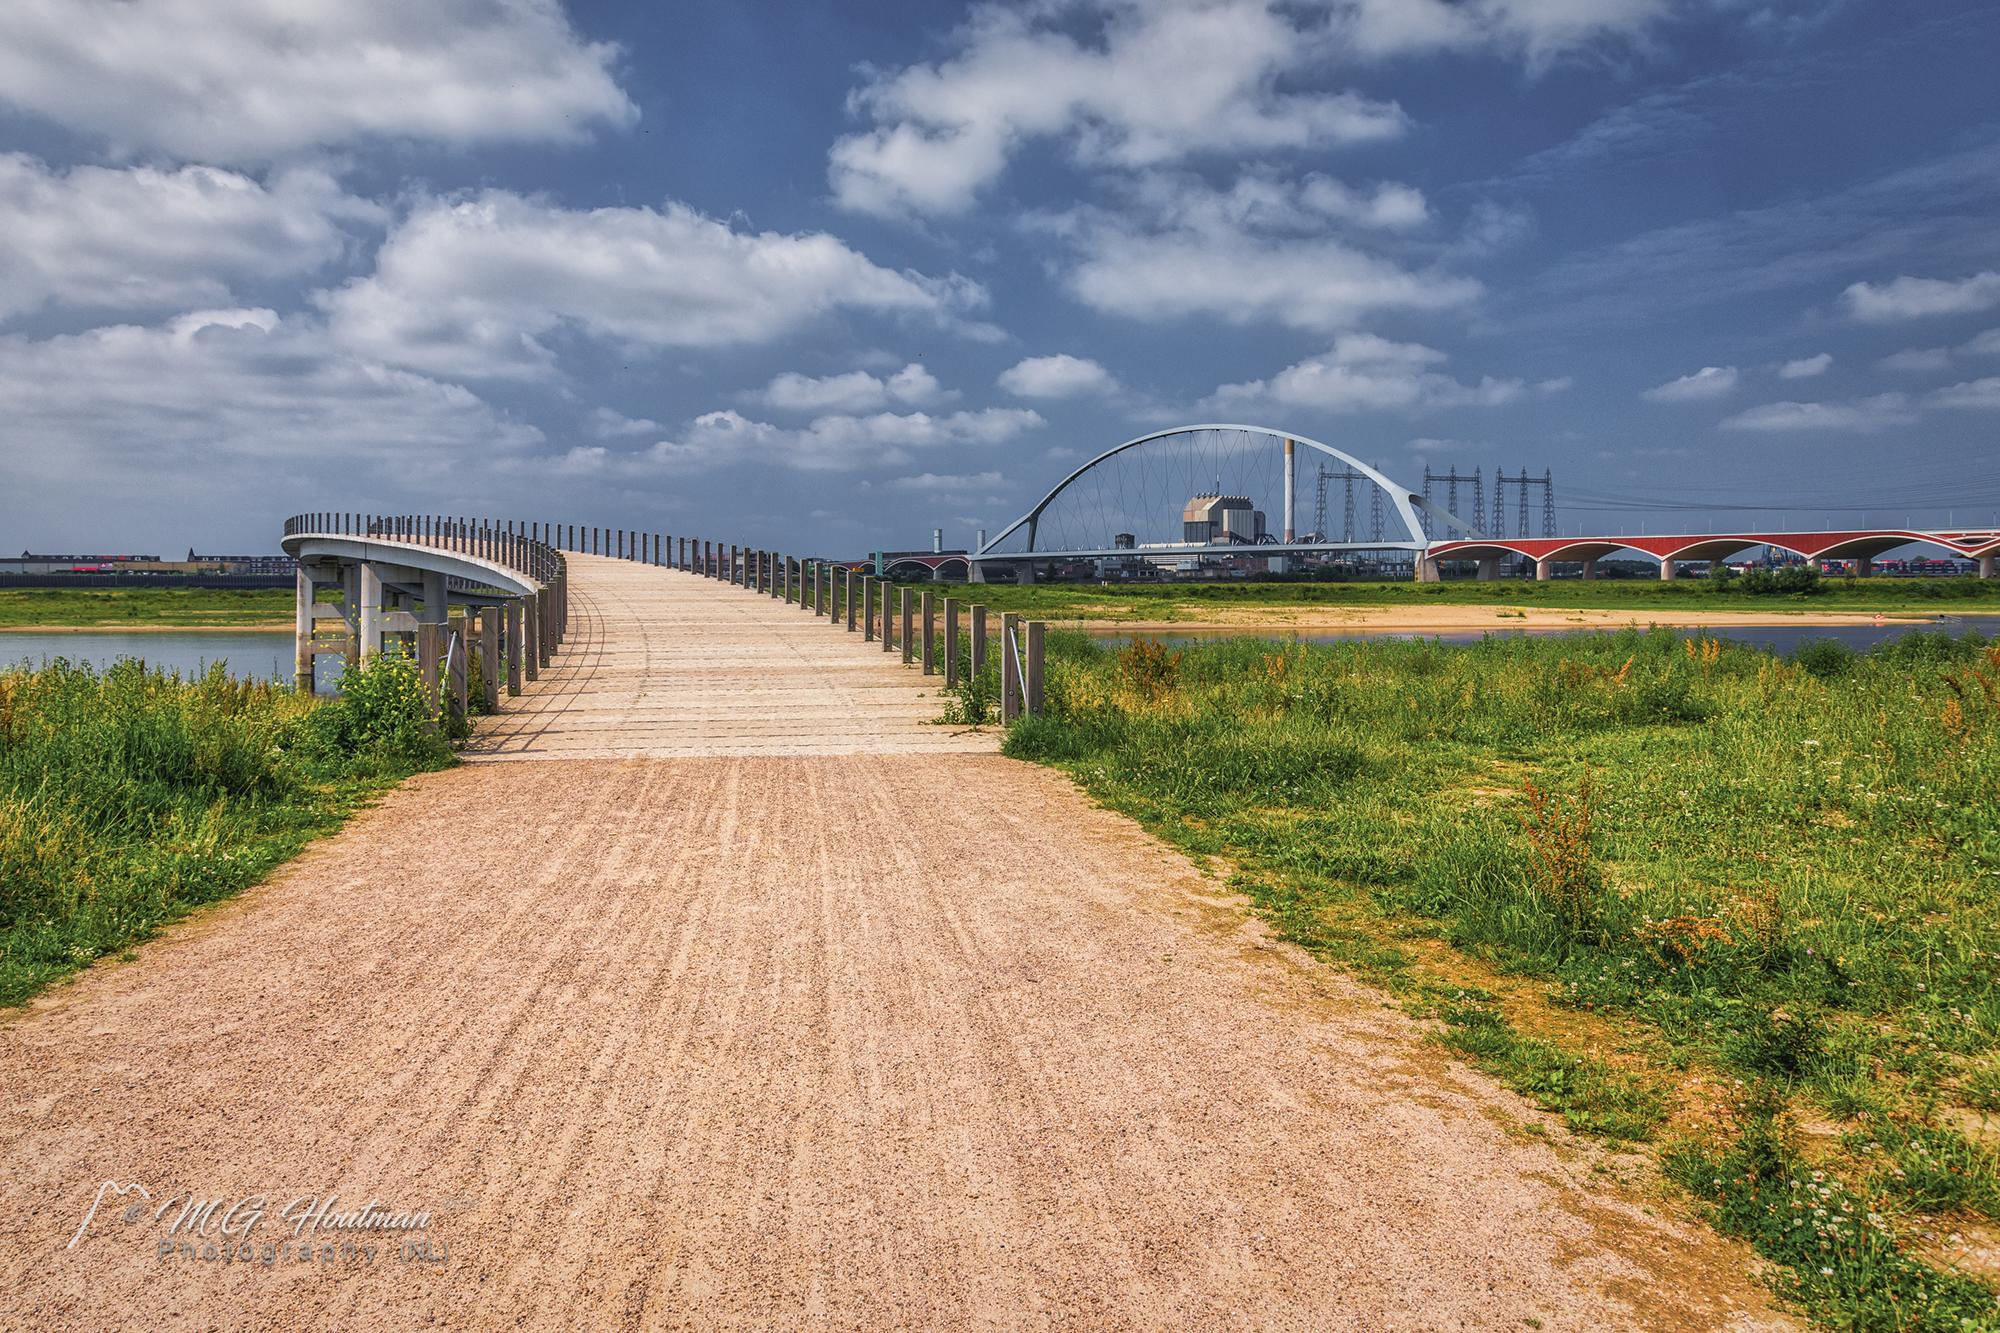 Zaligebrug en De Oversteek - Nijmegen (NL)